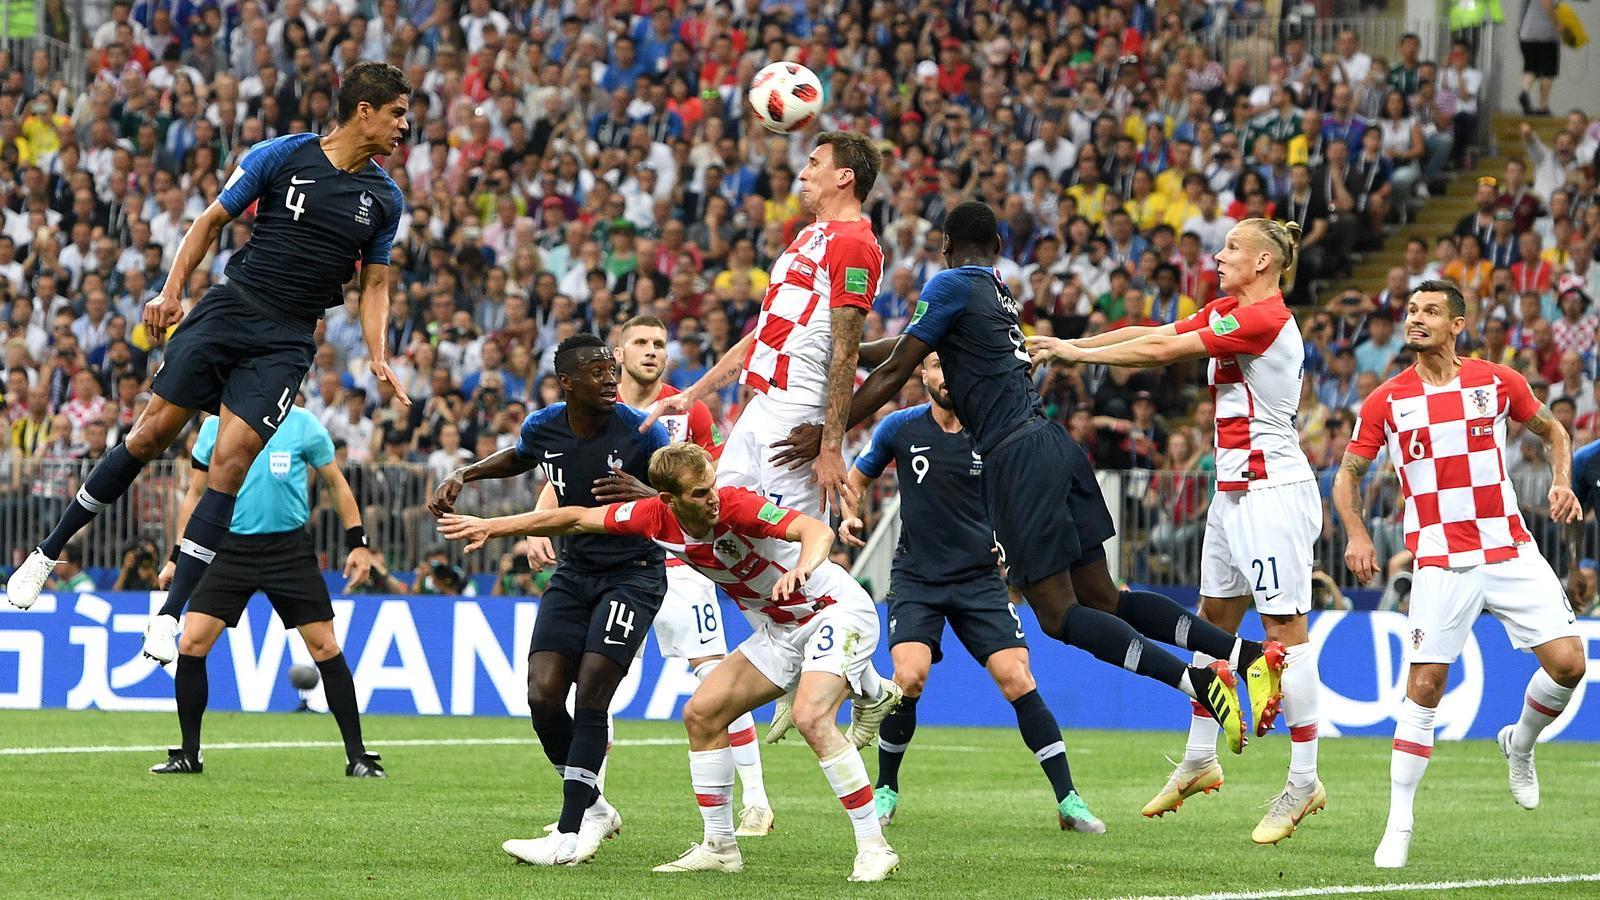 La final del Mundial frega els 1,3 milions d'espectadors